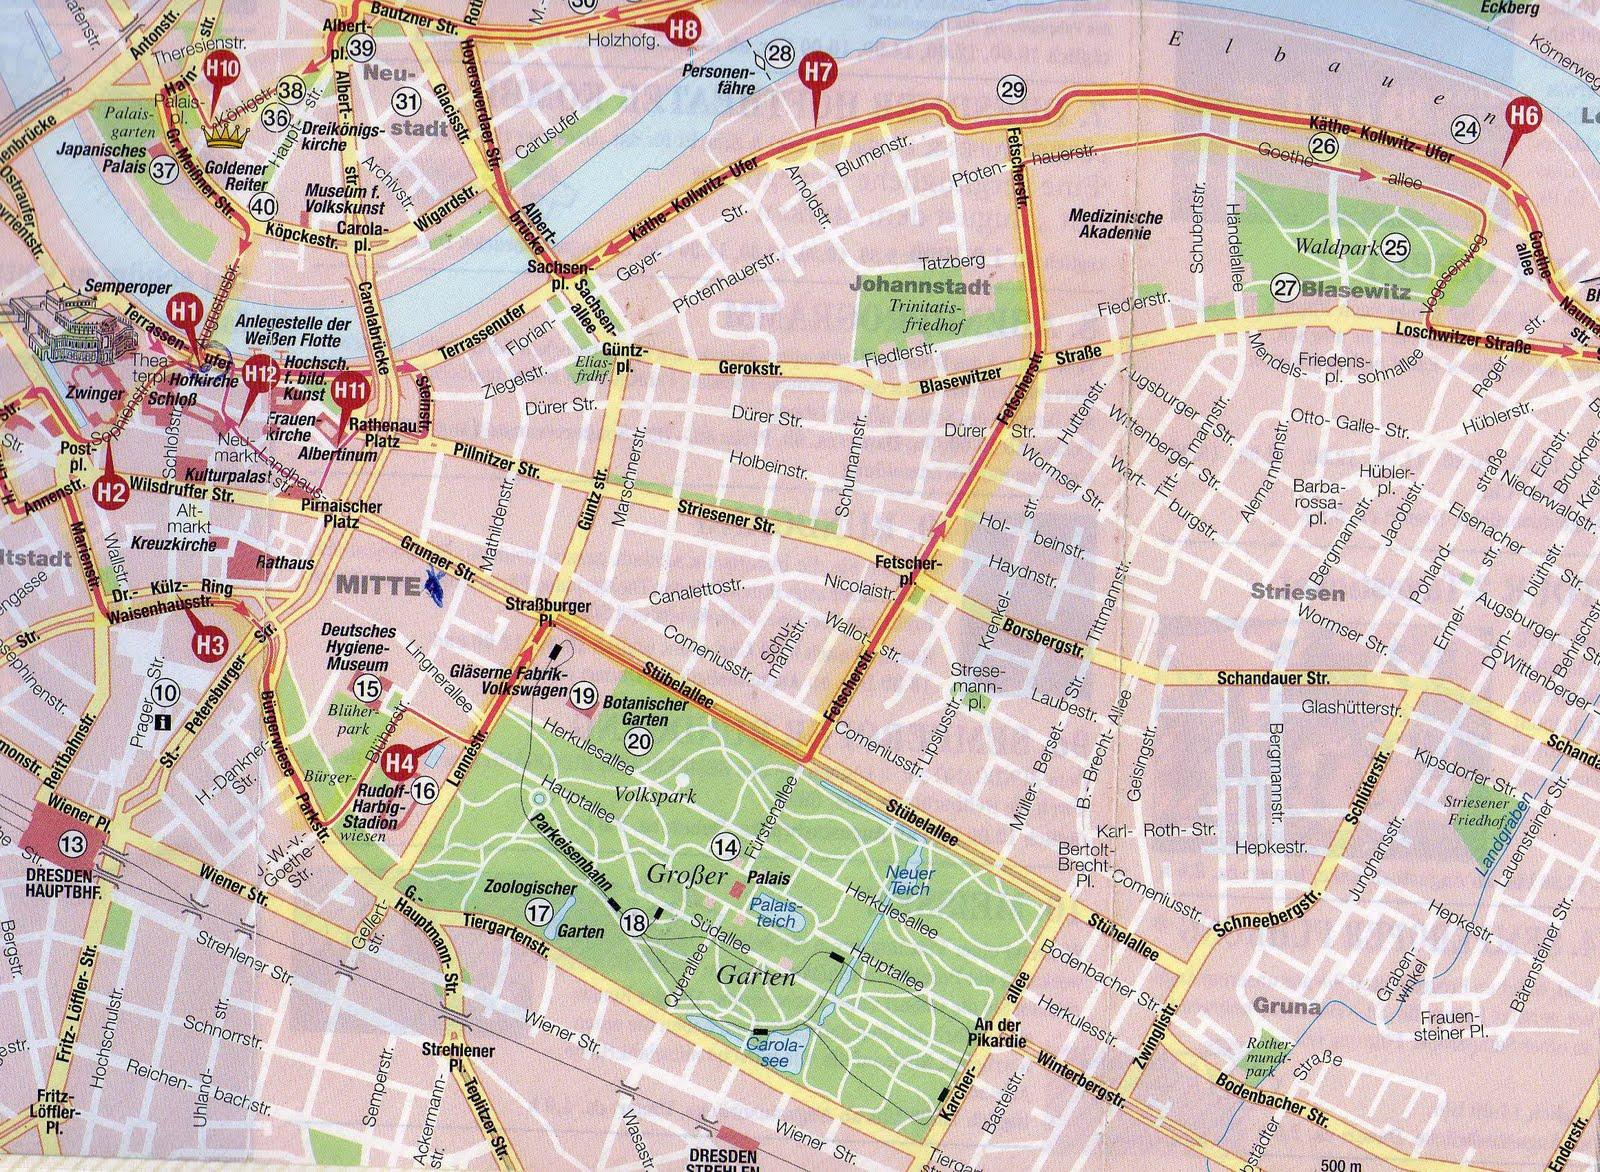 frankfurt walking tour map bnhspinecom